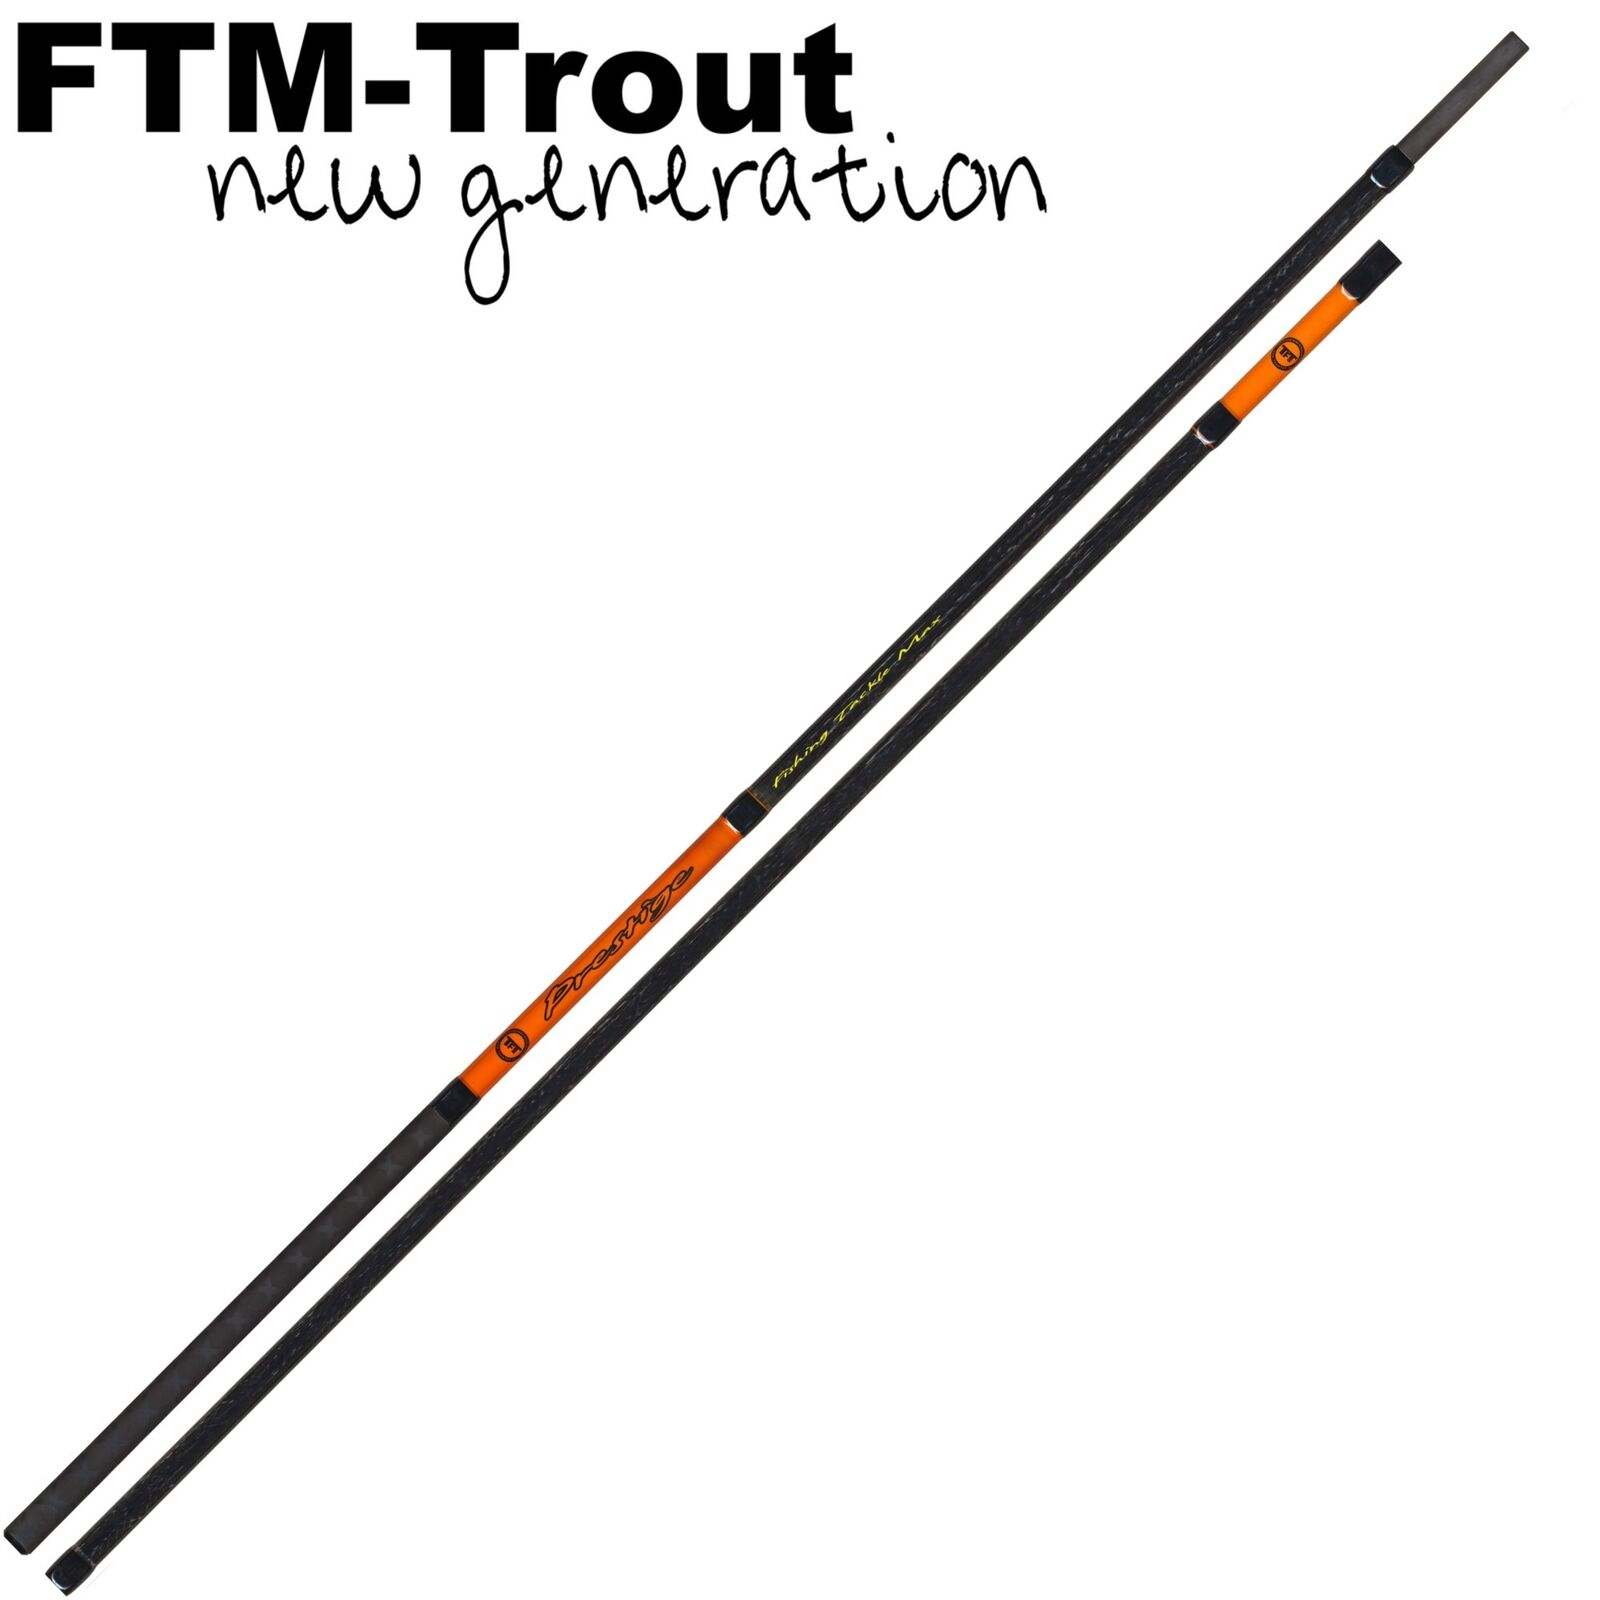 FTM Kescherstange Prestige 1,80m- Kescherstab, Keschergriff für Unterfangkescher